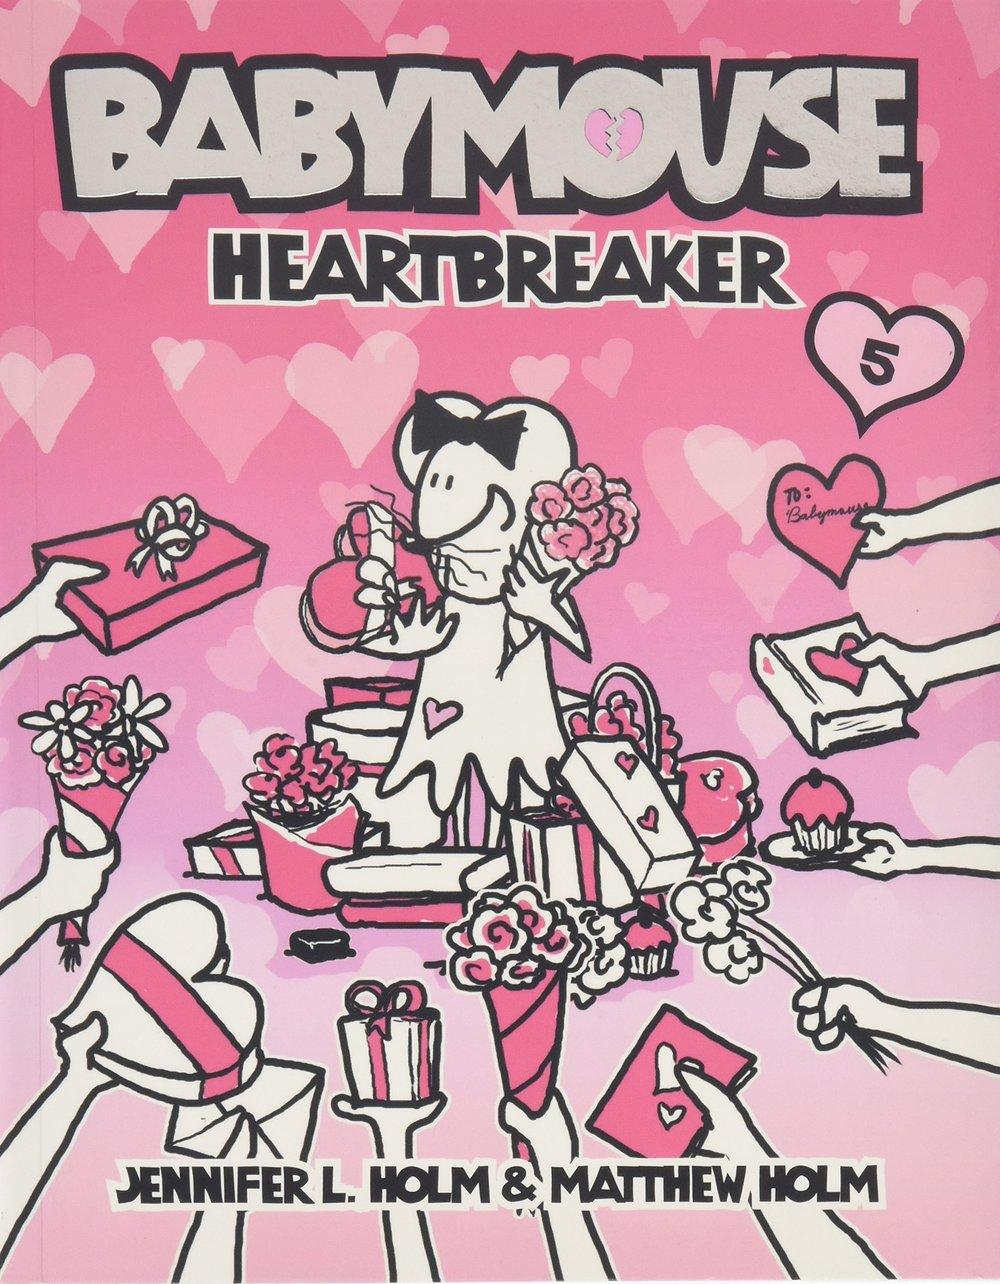 jenni-holm-babymouse-heartbreaker.jpg